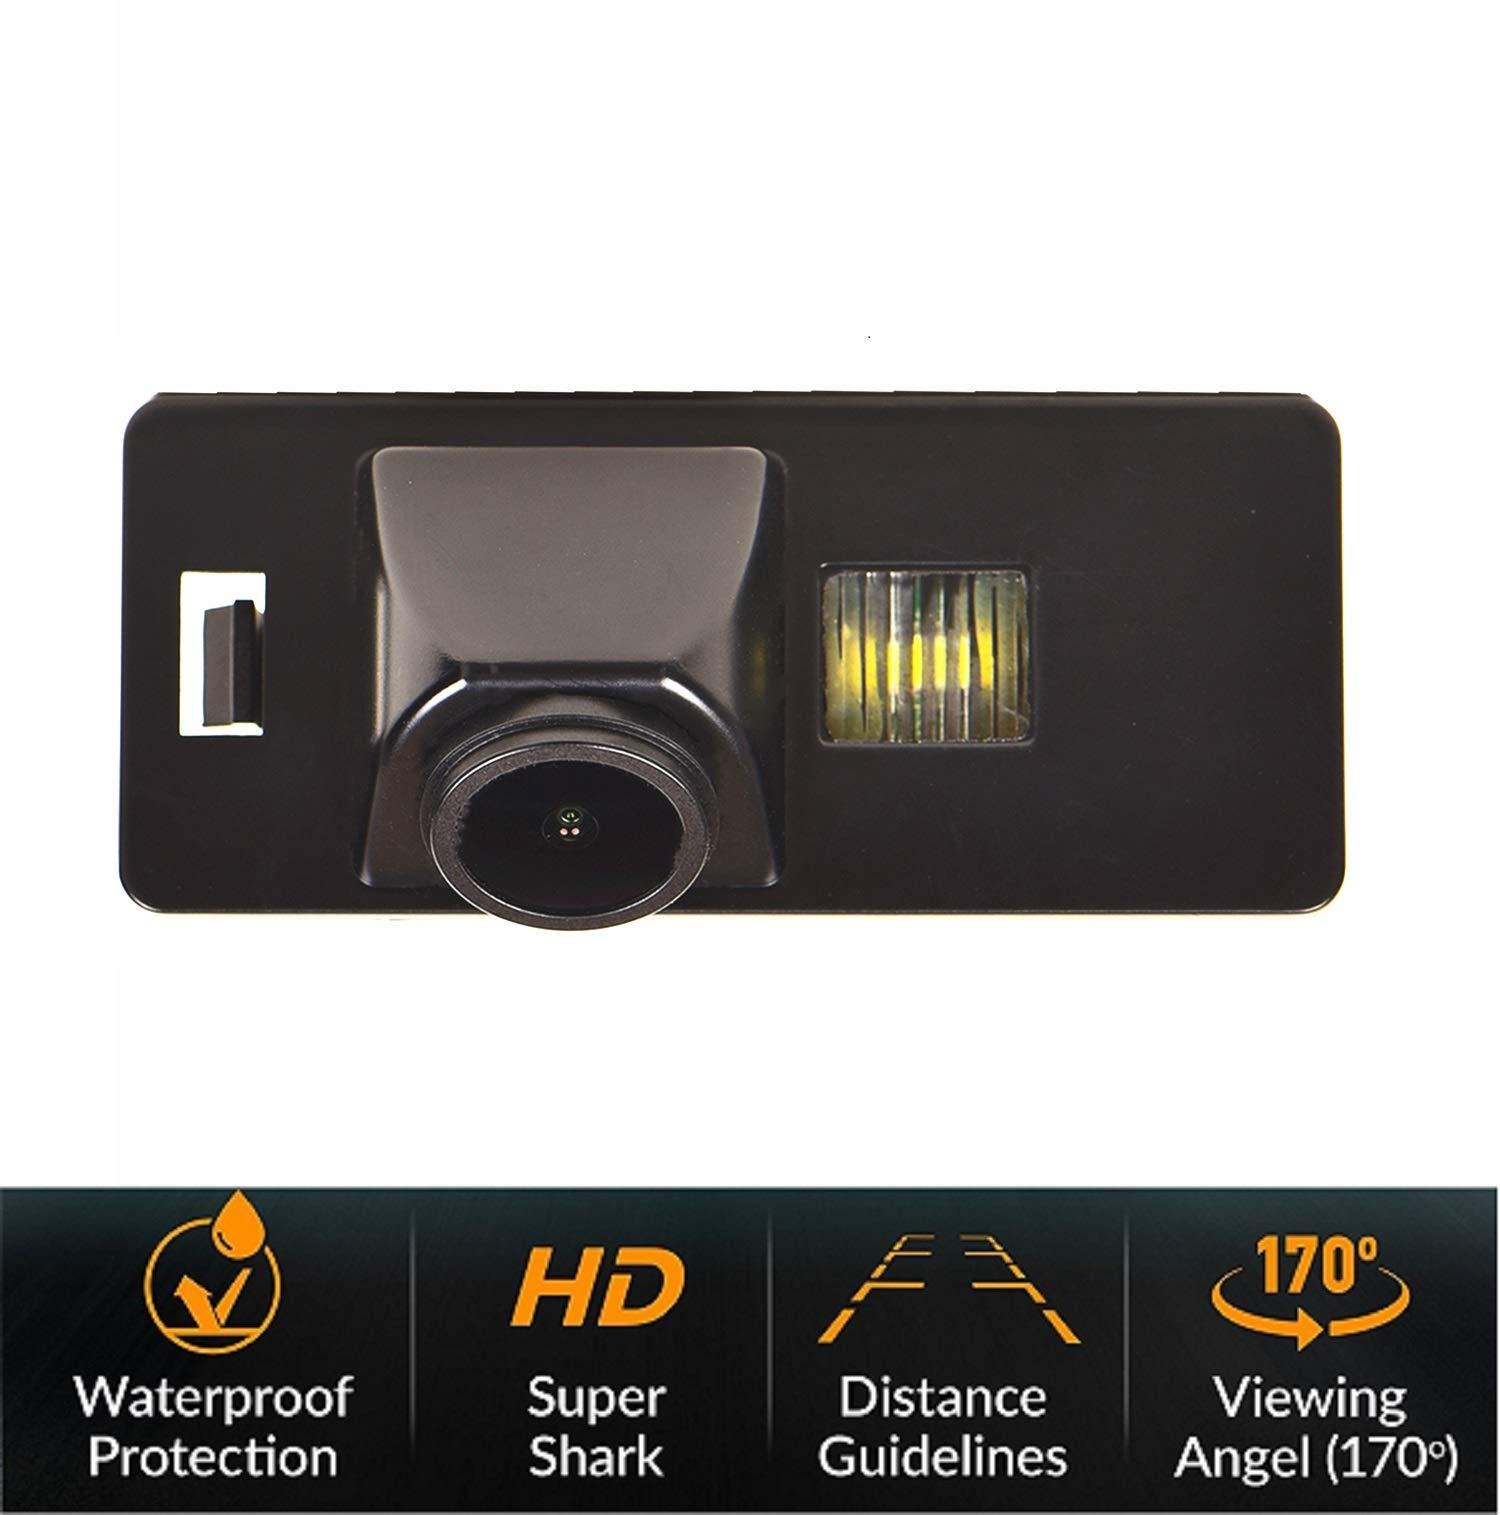 Rckfahrkamera-Rckfahrkamera-Rckfahrkamera-Nummernschild-Kamera-Nachtsicht-IP68-Wasserdicht-fr-Audi-A1-A3-8P-S3-A4-B6-B8-S4-A6-C6-S6-RS6-A8-RS4-TT-8N-Q5-Q3-Q7